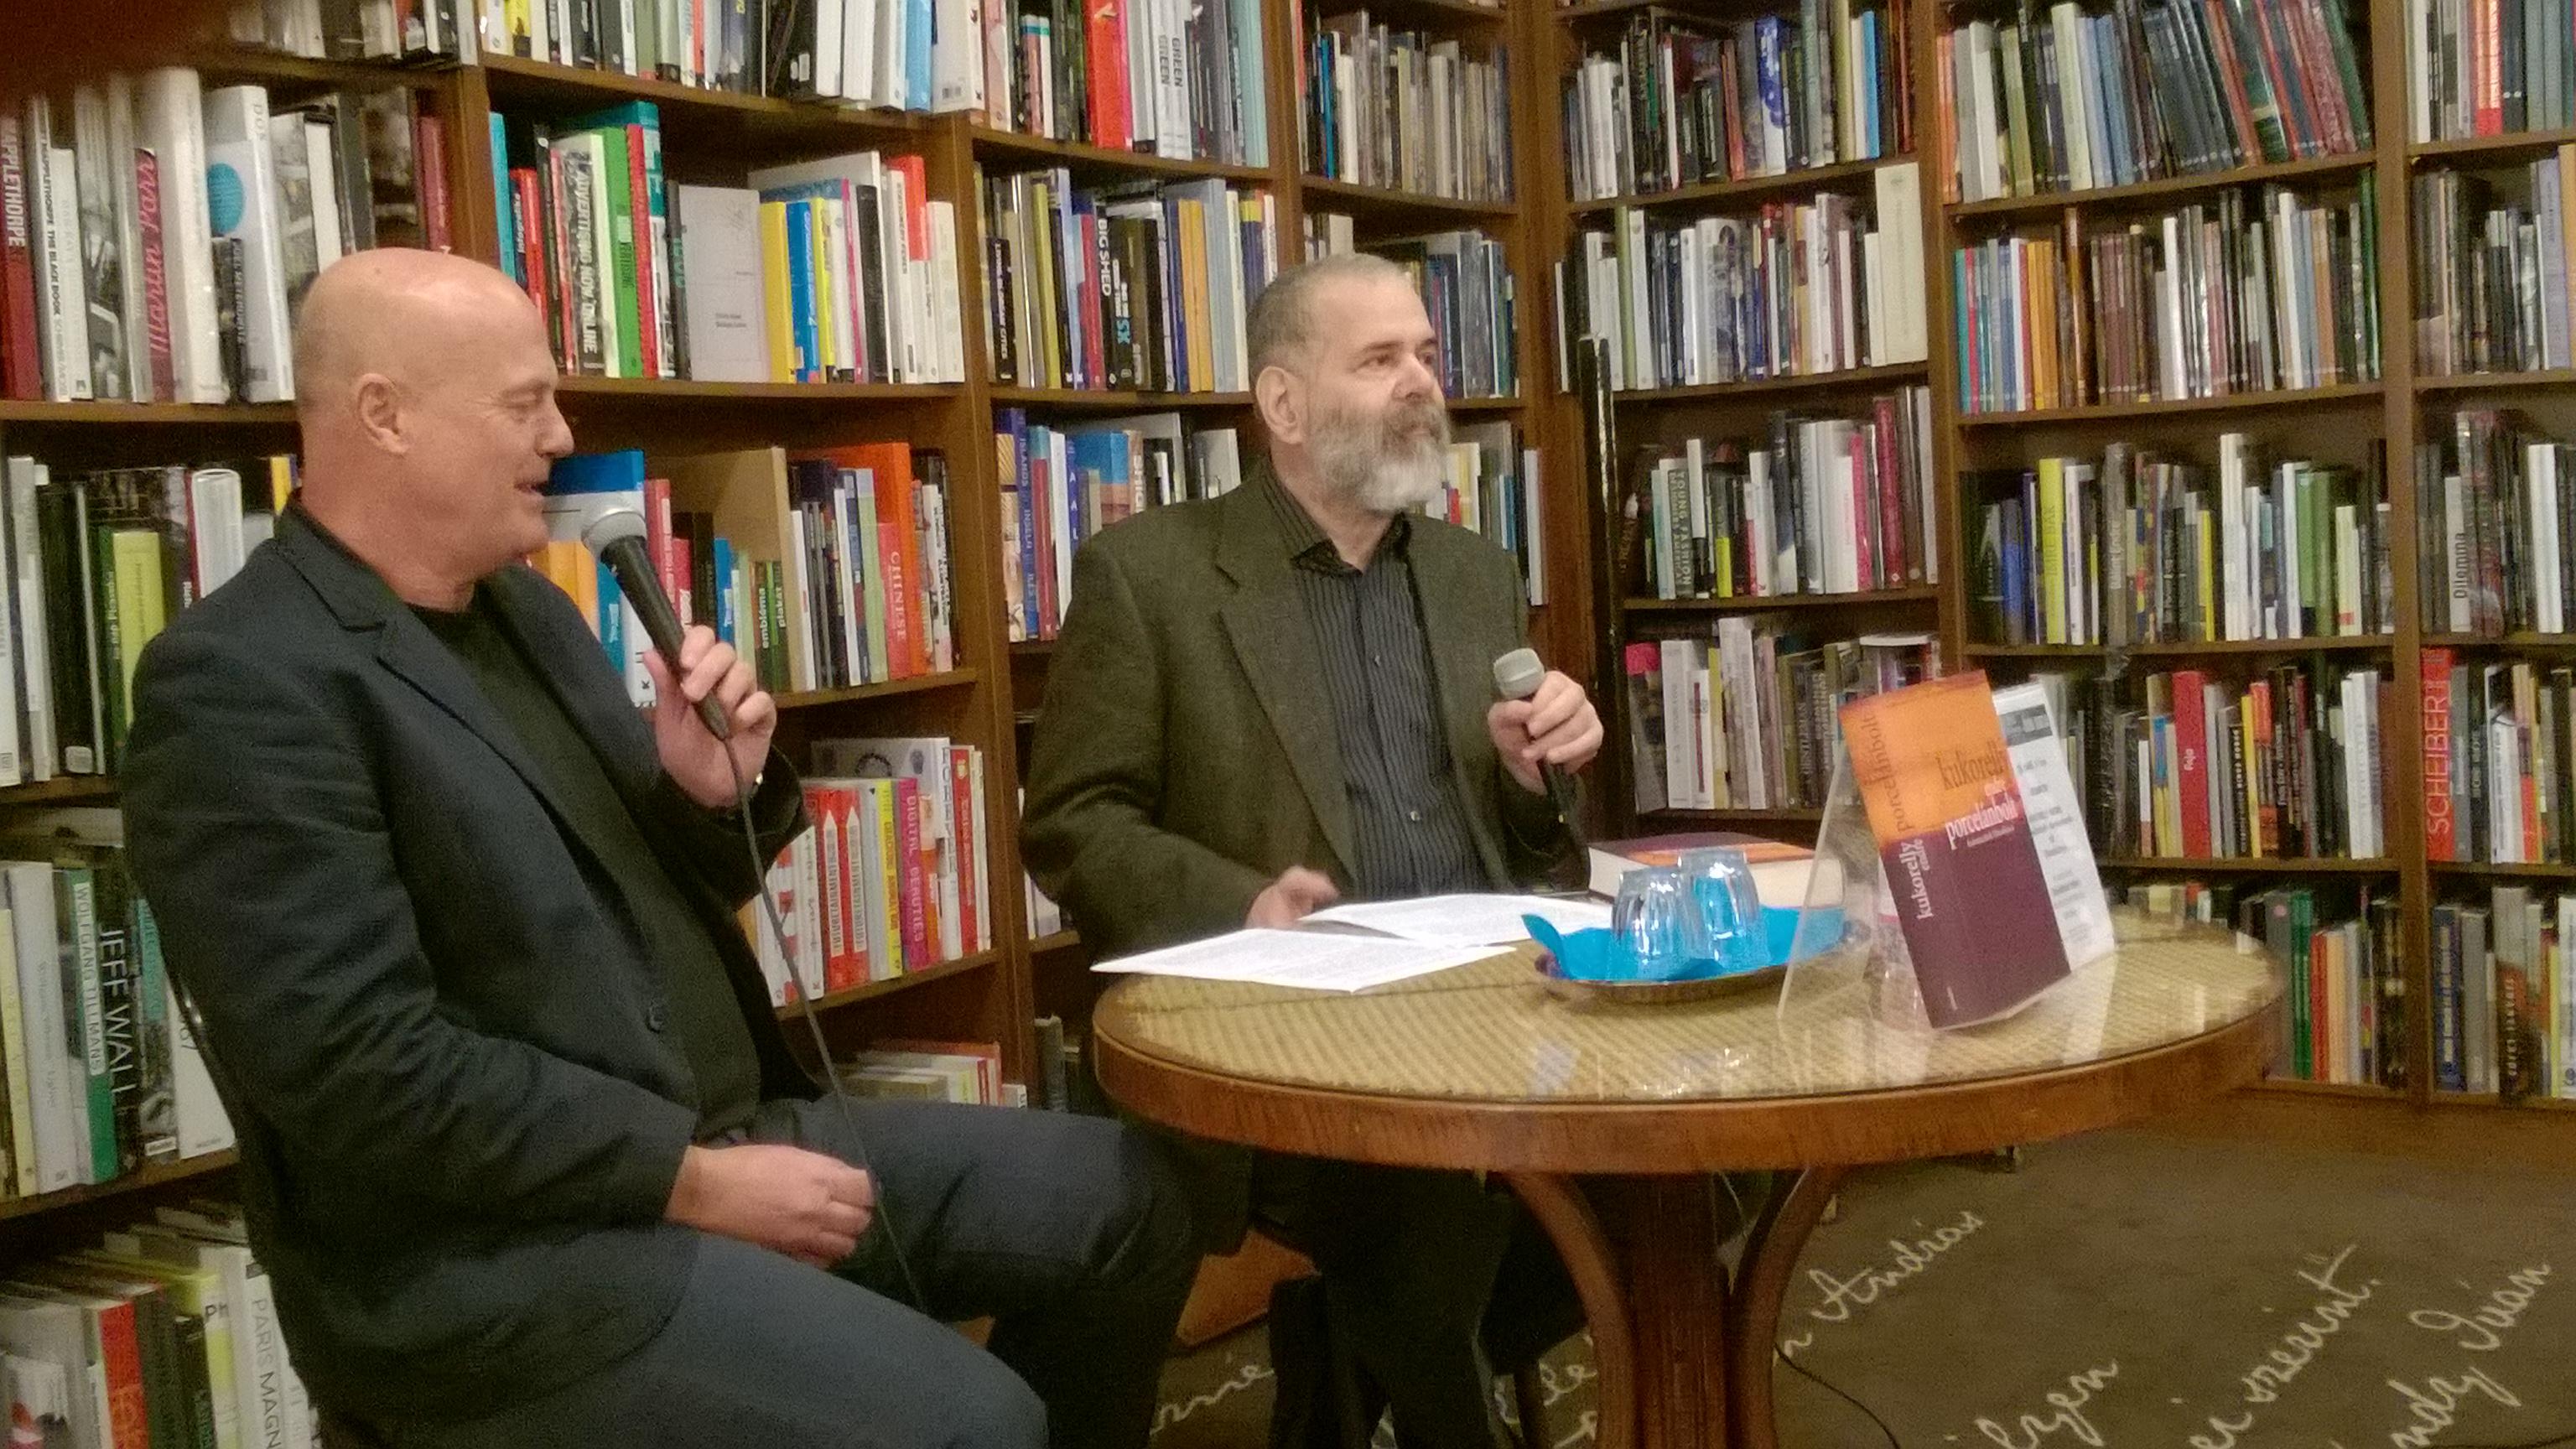 In der Autorenbuchhandlung (Írók boltja) stellt der Literaturhistoriker Péter Dávidházi das neue Buch von Endre Kukorelly (links) vor.